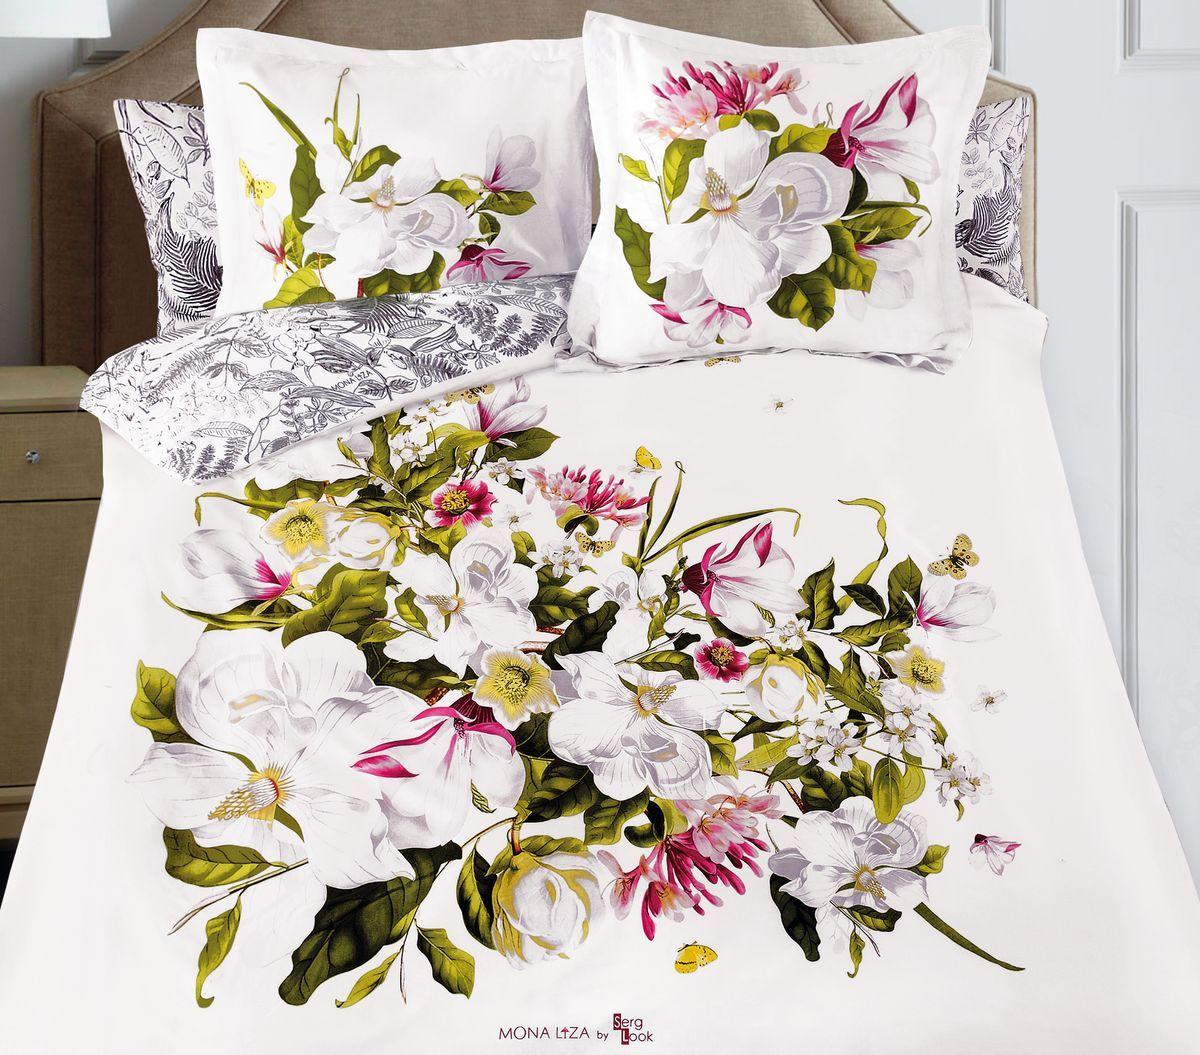 Комплект белья Mona Liza Magnolia, 2-спальное, наволочки 50x70 и 70x70, цвет: белый. 8/88/8Флоральные мотивы редких экзотических цветов, переведенные в паттерн, позаимствованы из путешествий по тропическим лесам, будоражат воображение природными сочетаниями цветовых палитр и роскошью принтов. Коллекция принесет в ваш дом незабываемое настроение и добавит колорит. Высококачественный сатин окутает и позволит раствориться в мечтах о дальних жарких странах и окунуться во время вечного лета!